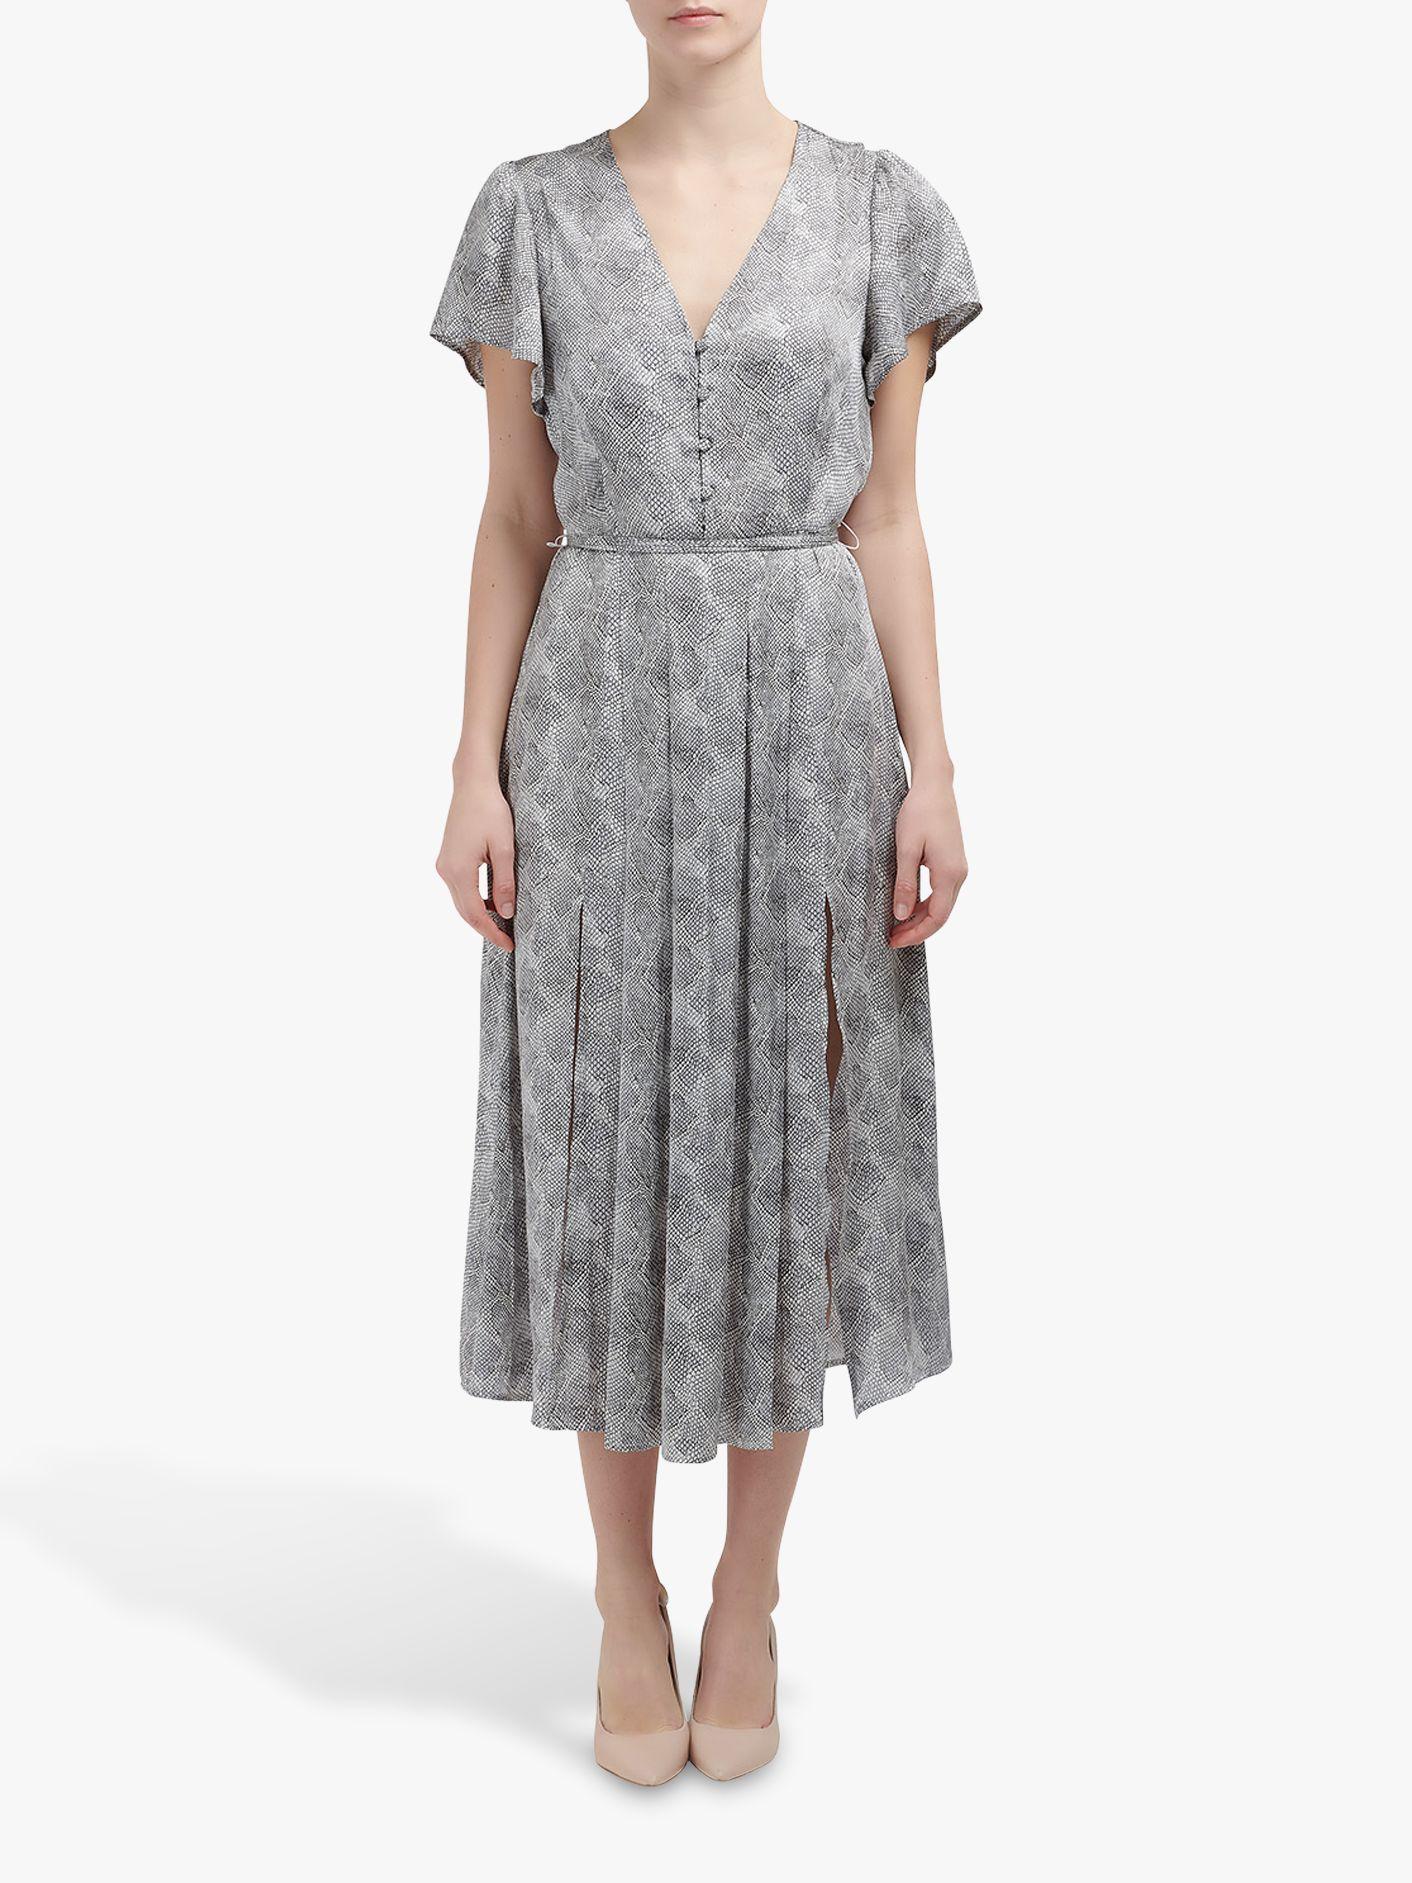 Paige Paige Alayna Snake Print Dress, Silver